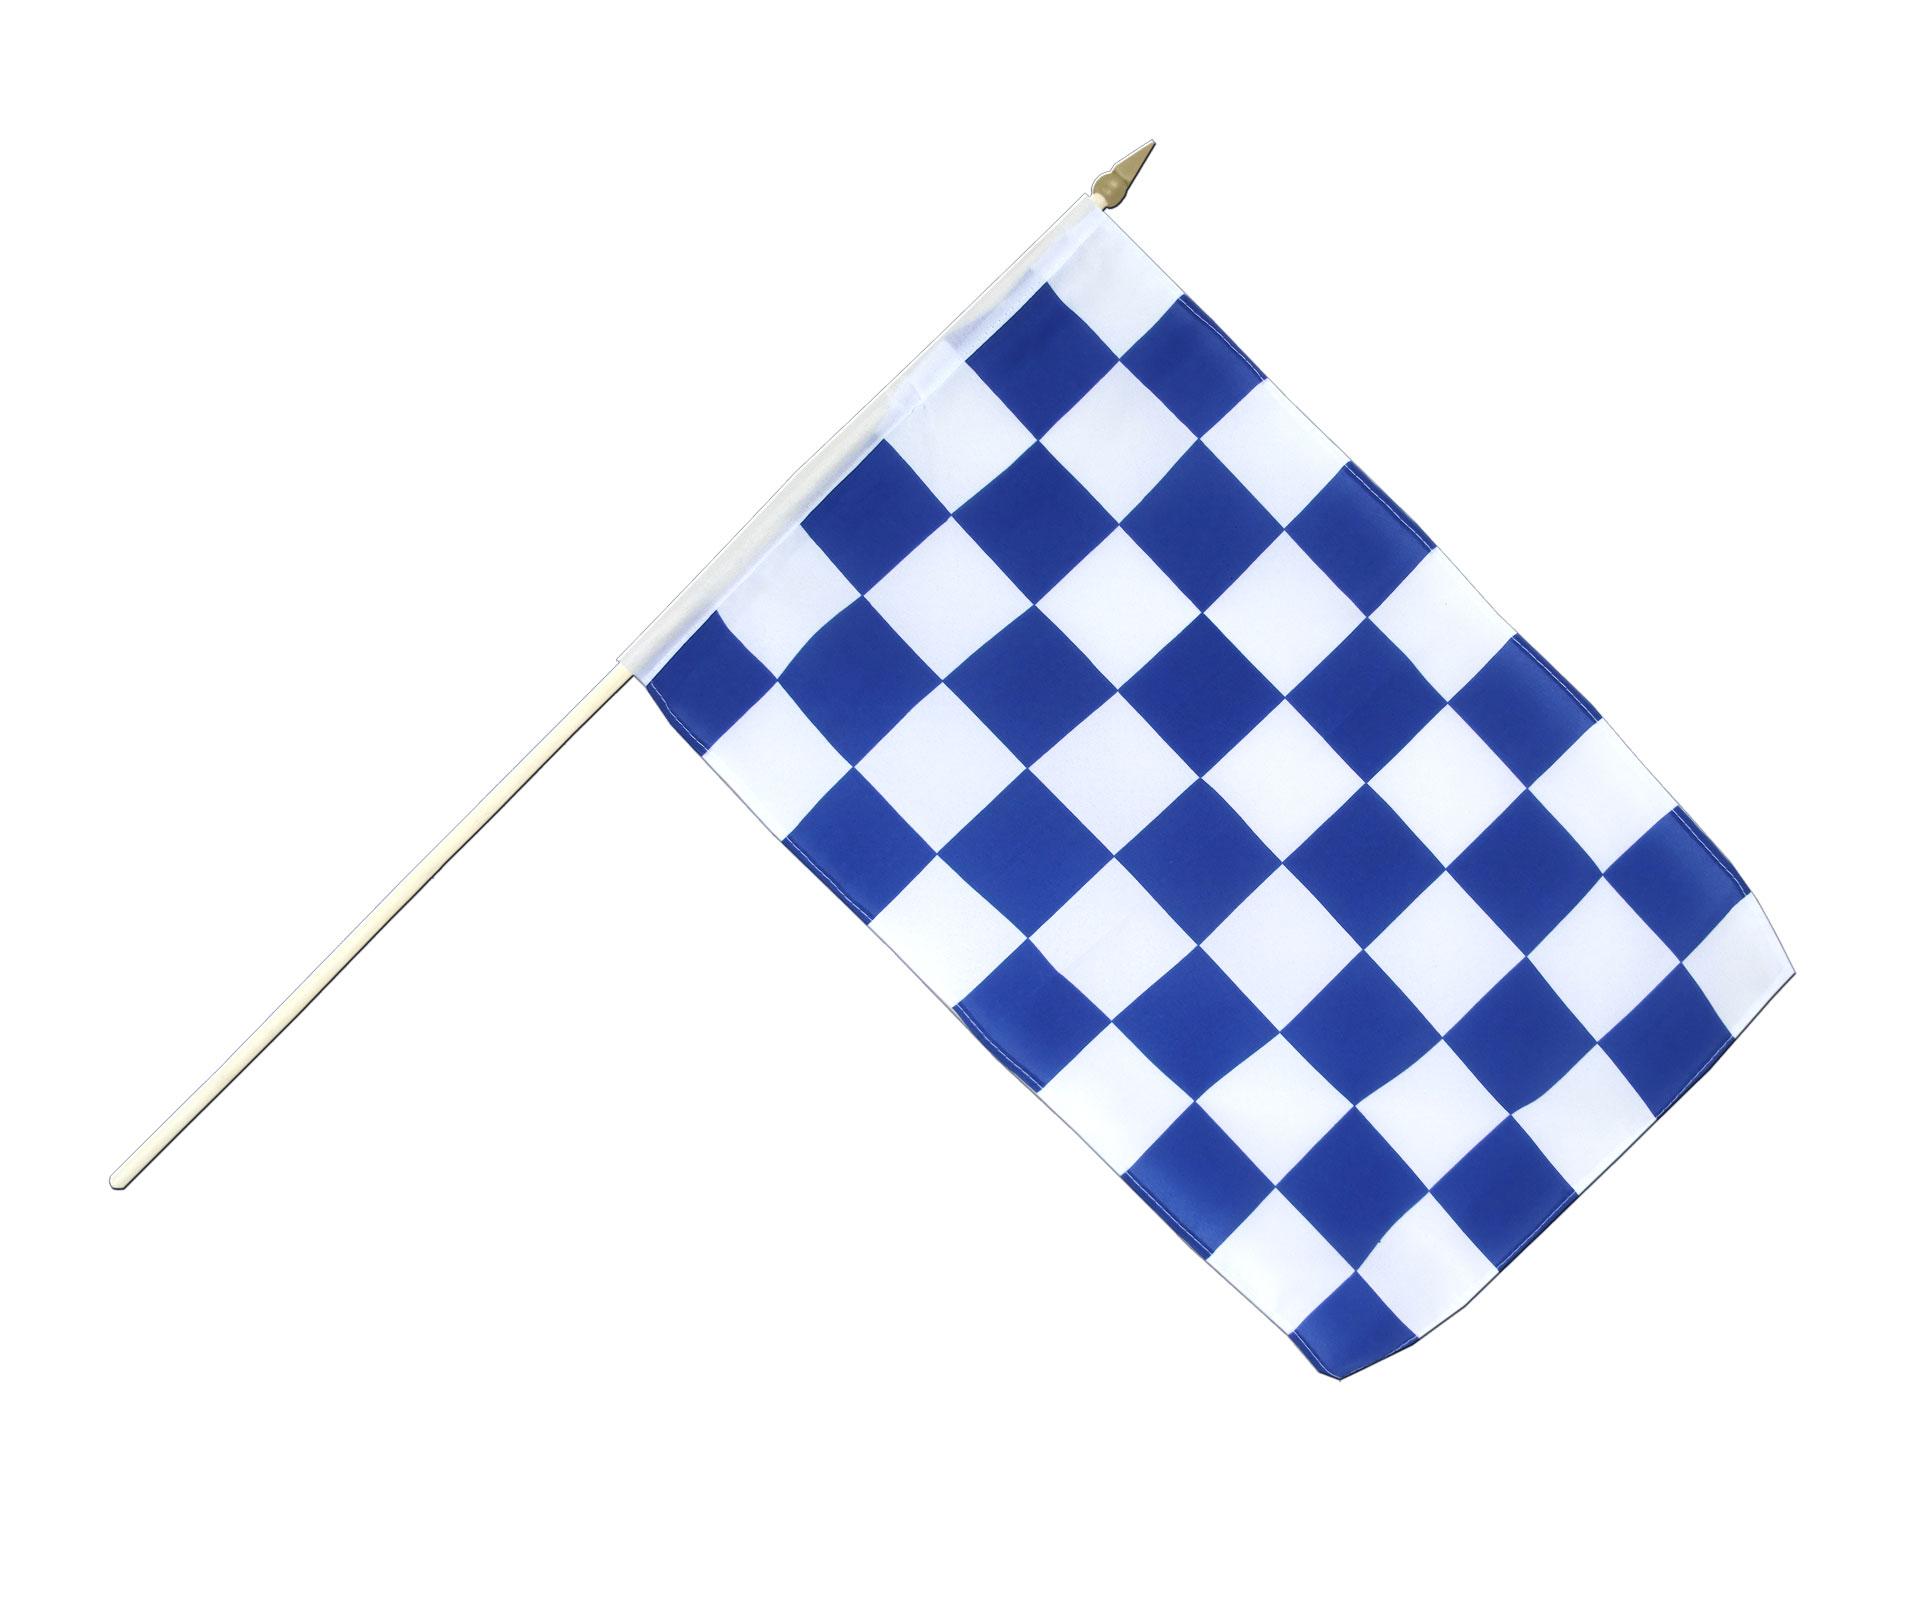 Stockflagge Kariert Blau-Weiß Fahne, Weiss Blaue